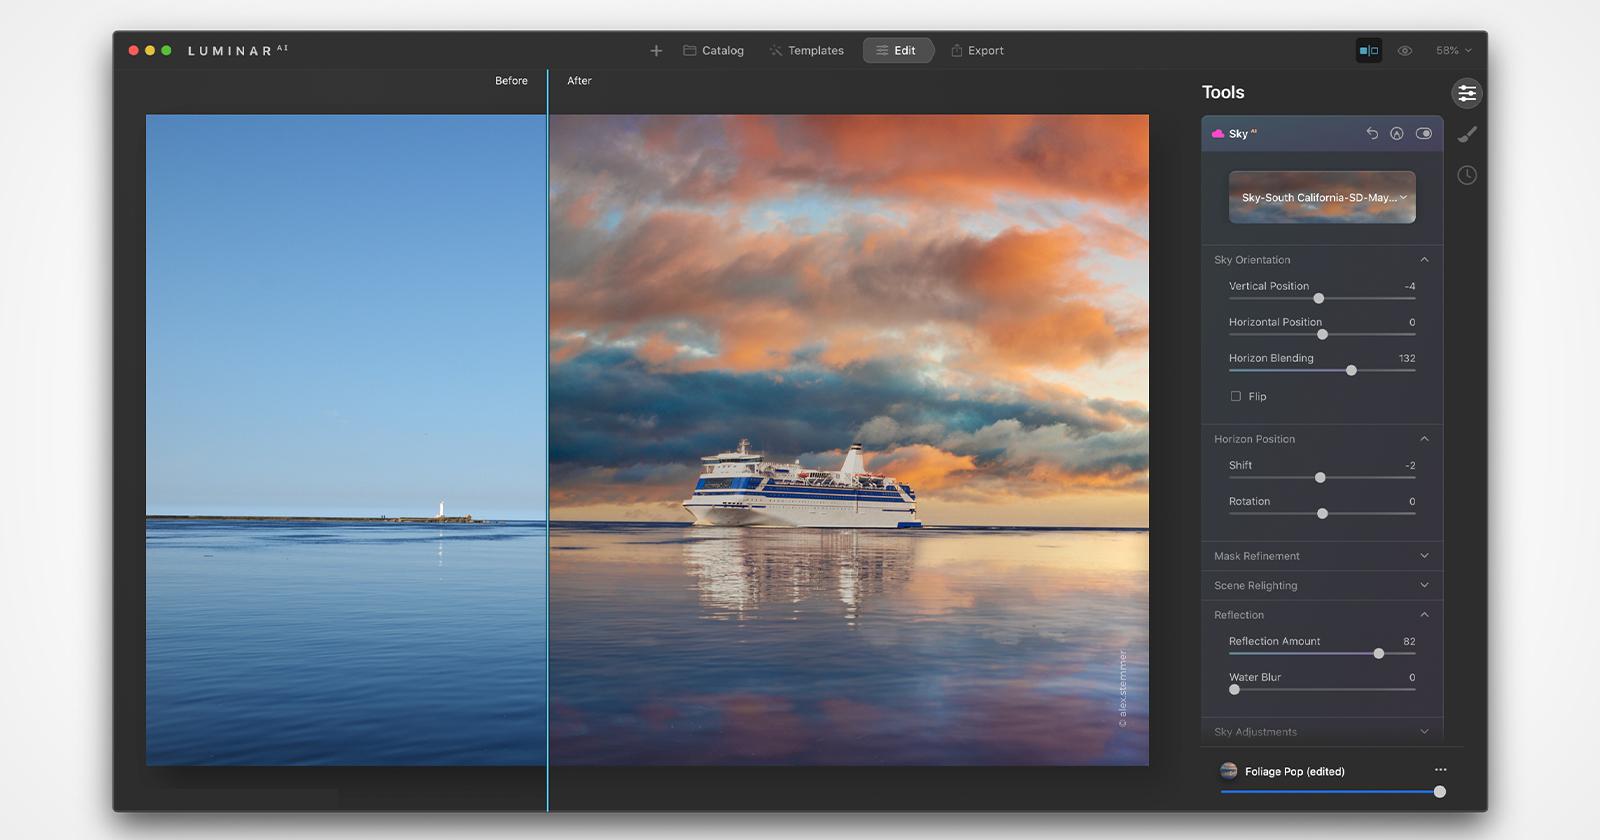 LuminarAI aggiunge il supporto per i dispositivi Apple M1, le immagini HEIC e altro ancora